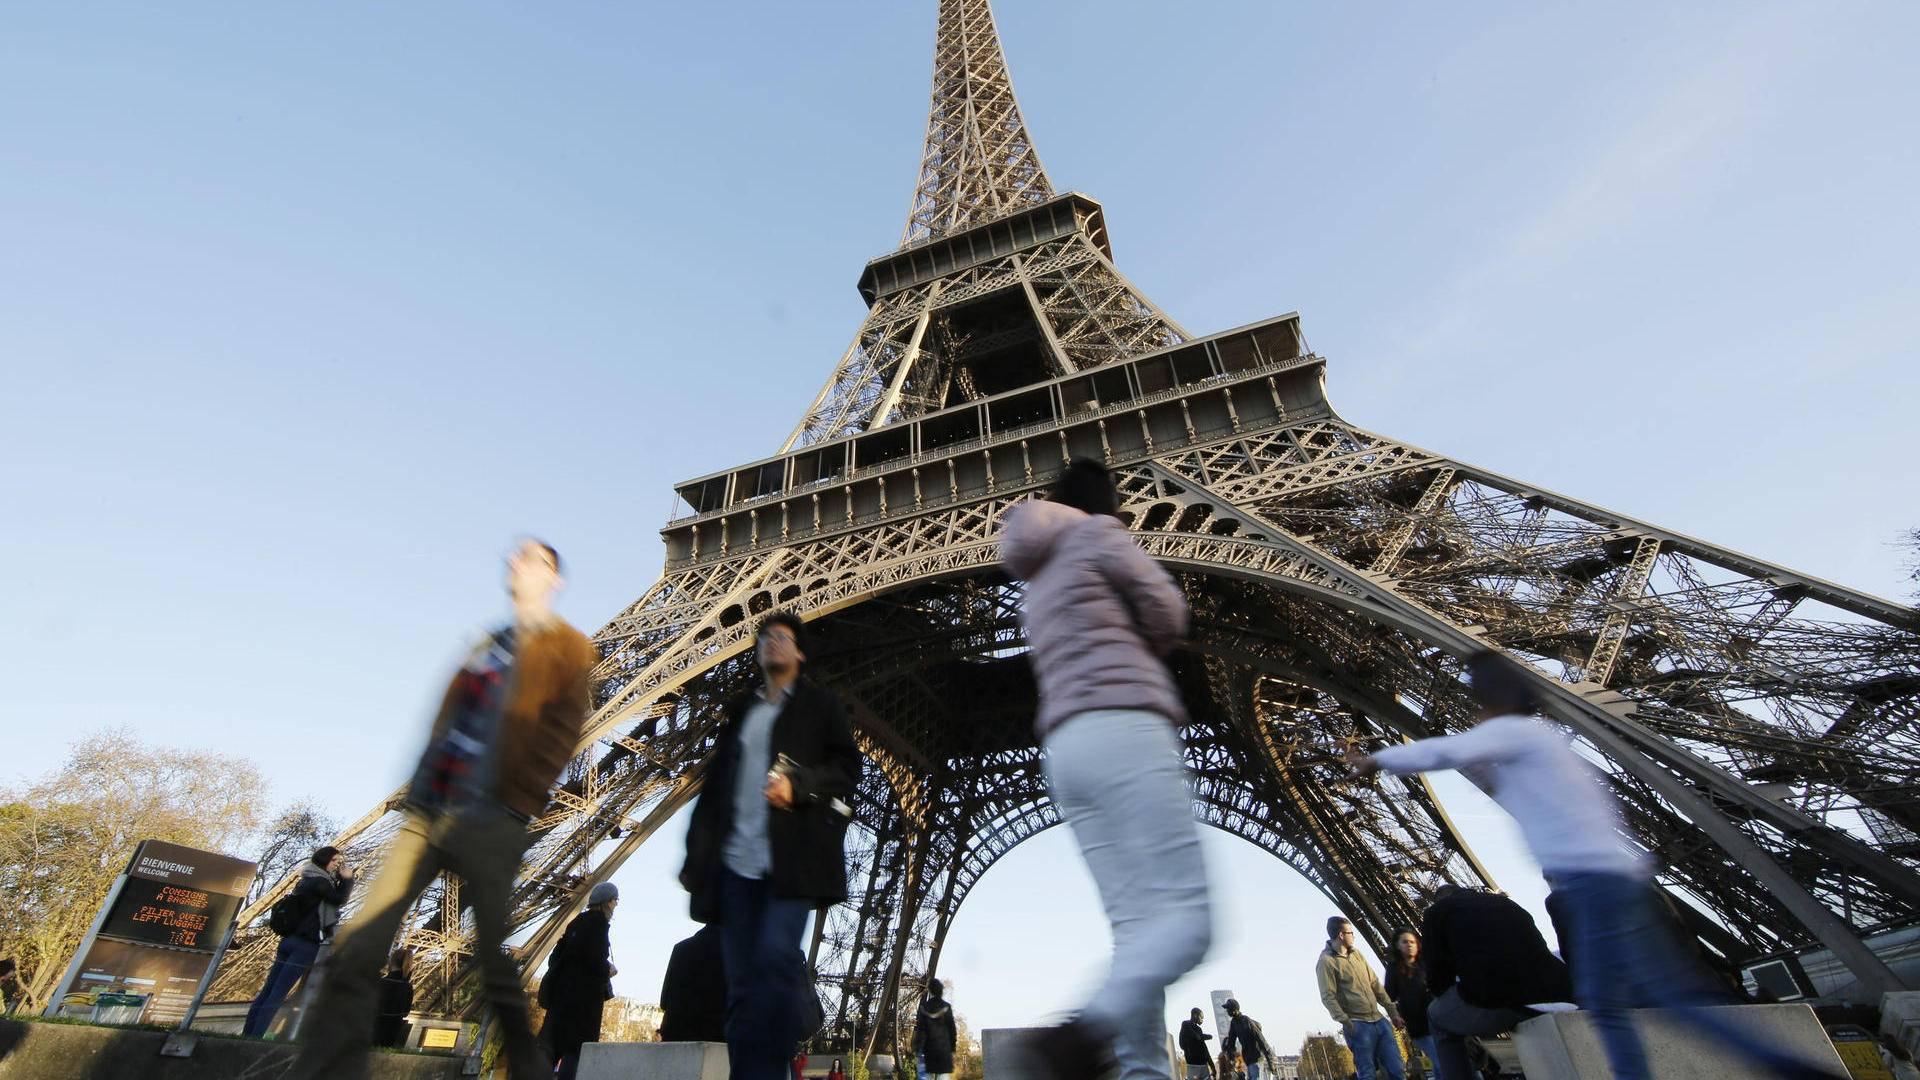 Как переехать во францию на пмж: способы эмиграции из россии в 2021 году